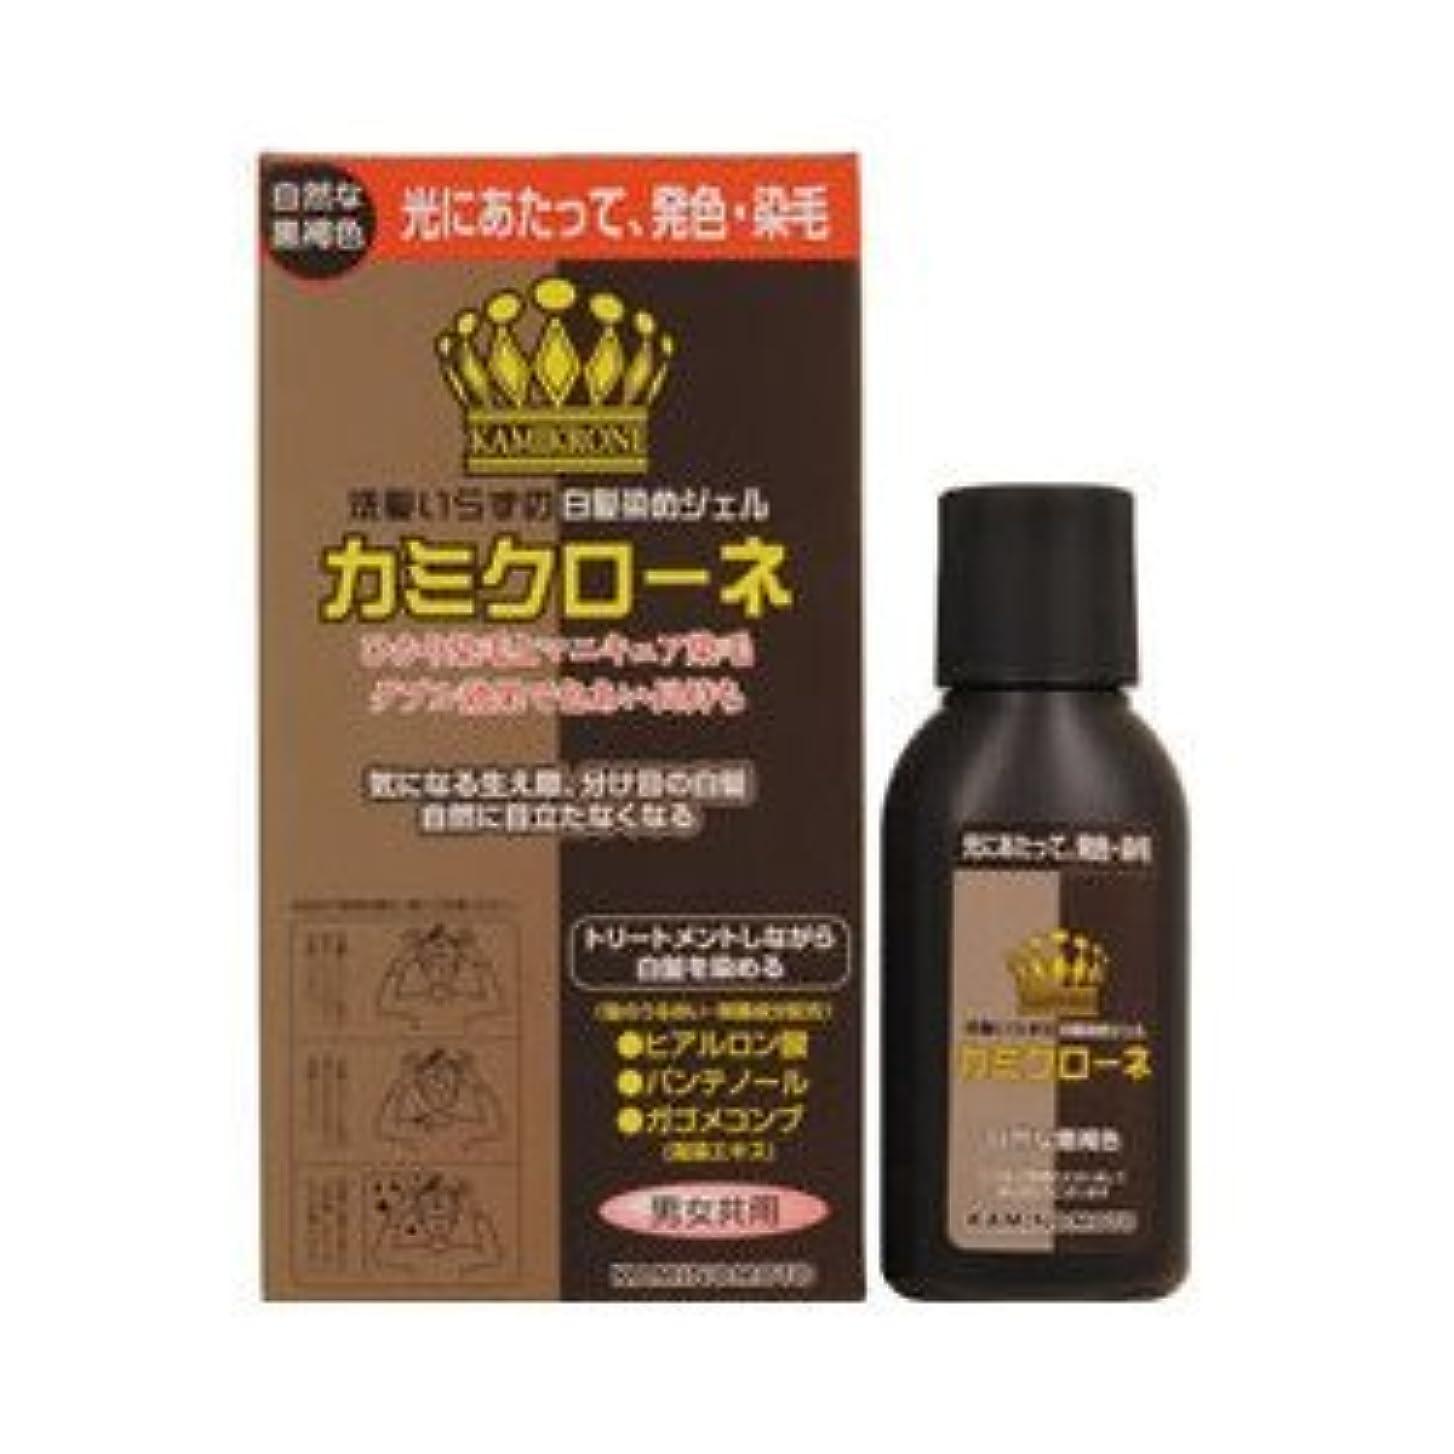 労苦火山学者発行カミクローネ ダークブラウン × 5個セット